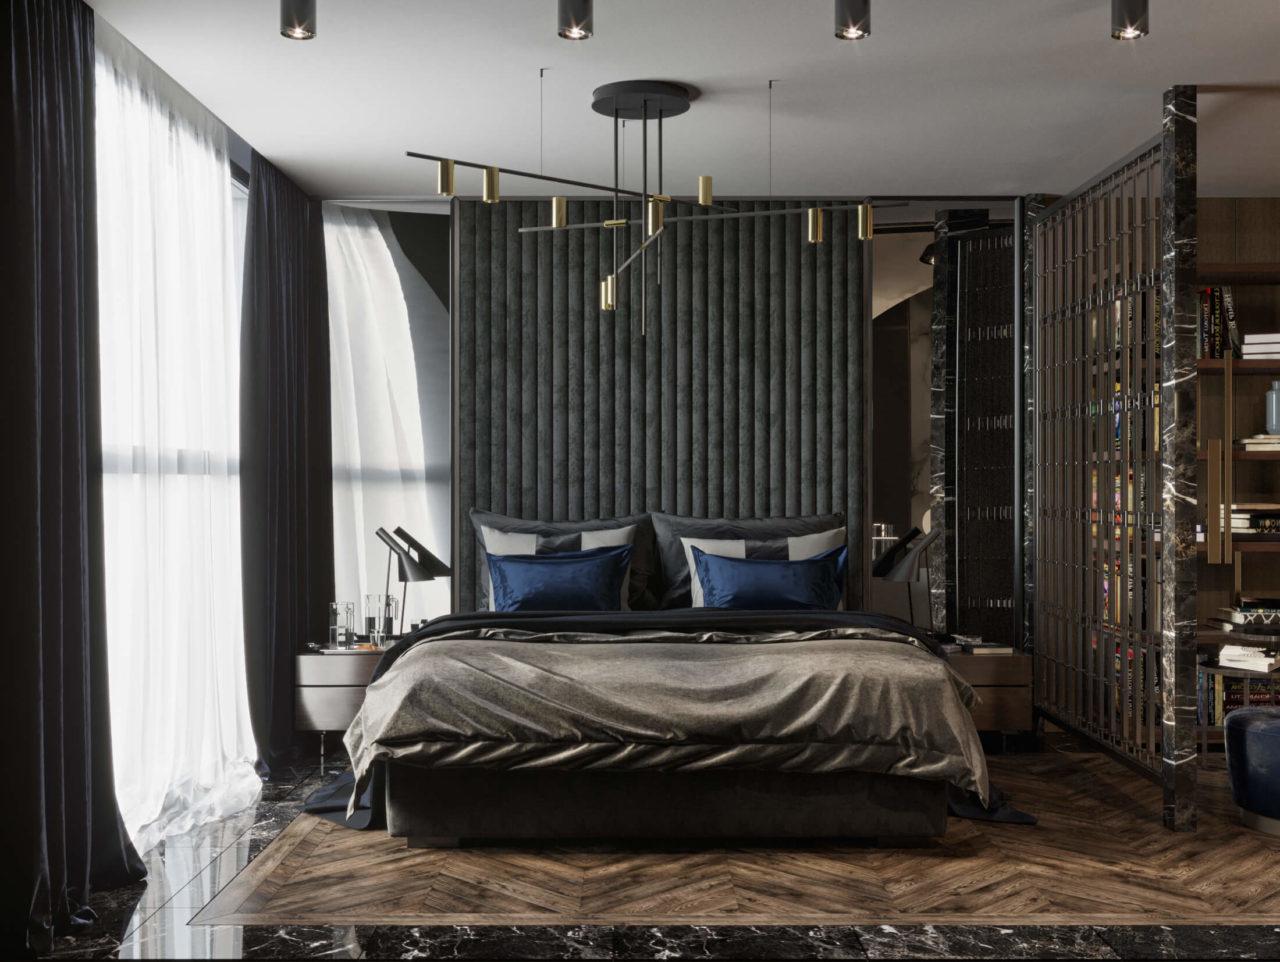 Дизайн проект двухэтажная квартира с террасой, Ирпень | 1 этаж фото 1